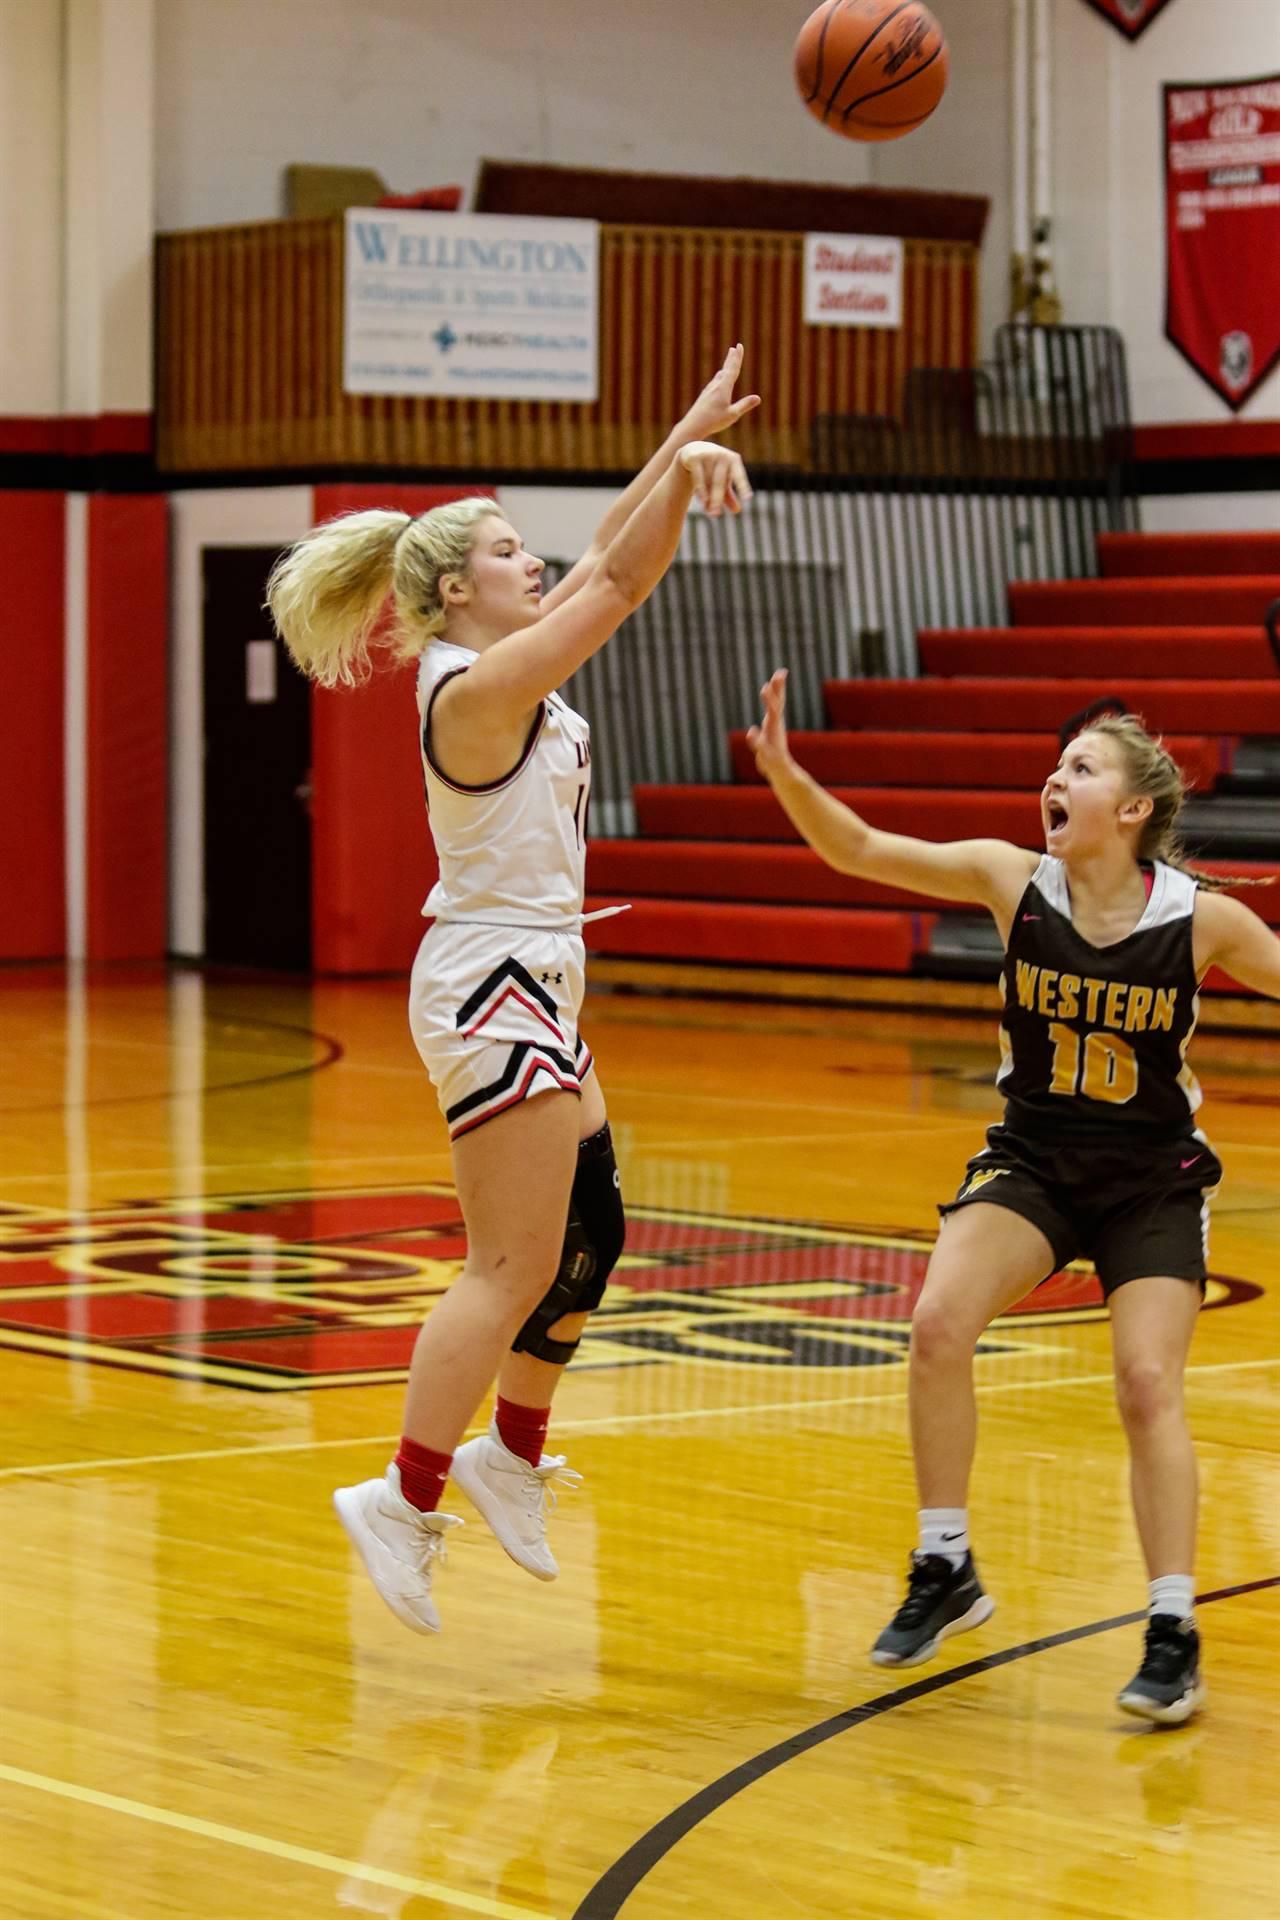 girls basketball player shooting the ball